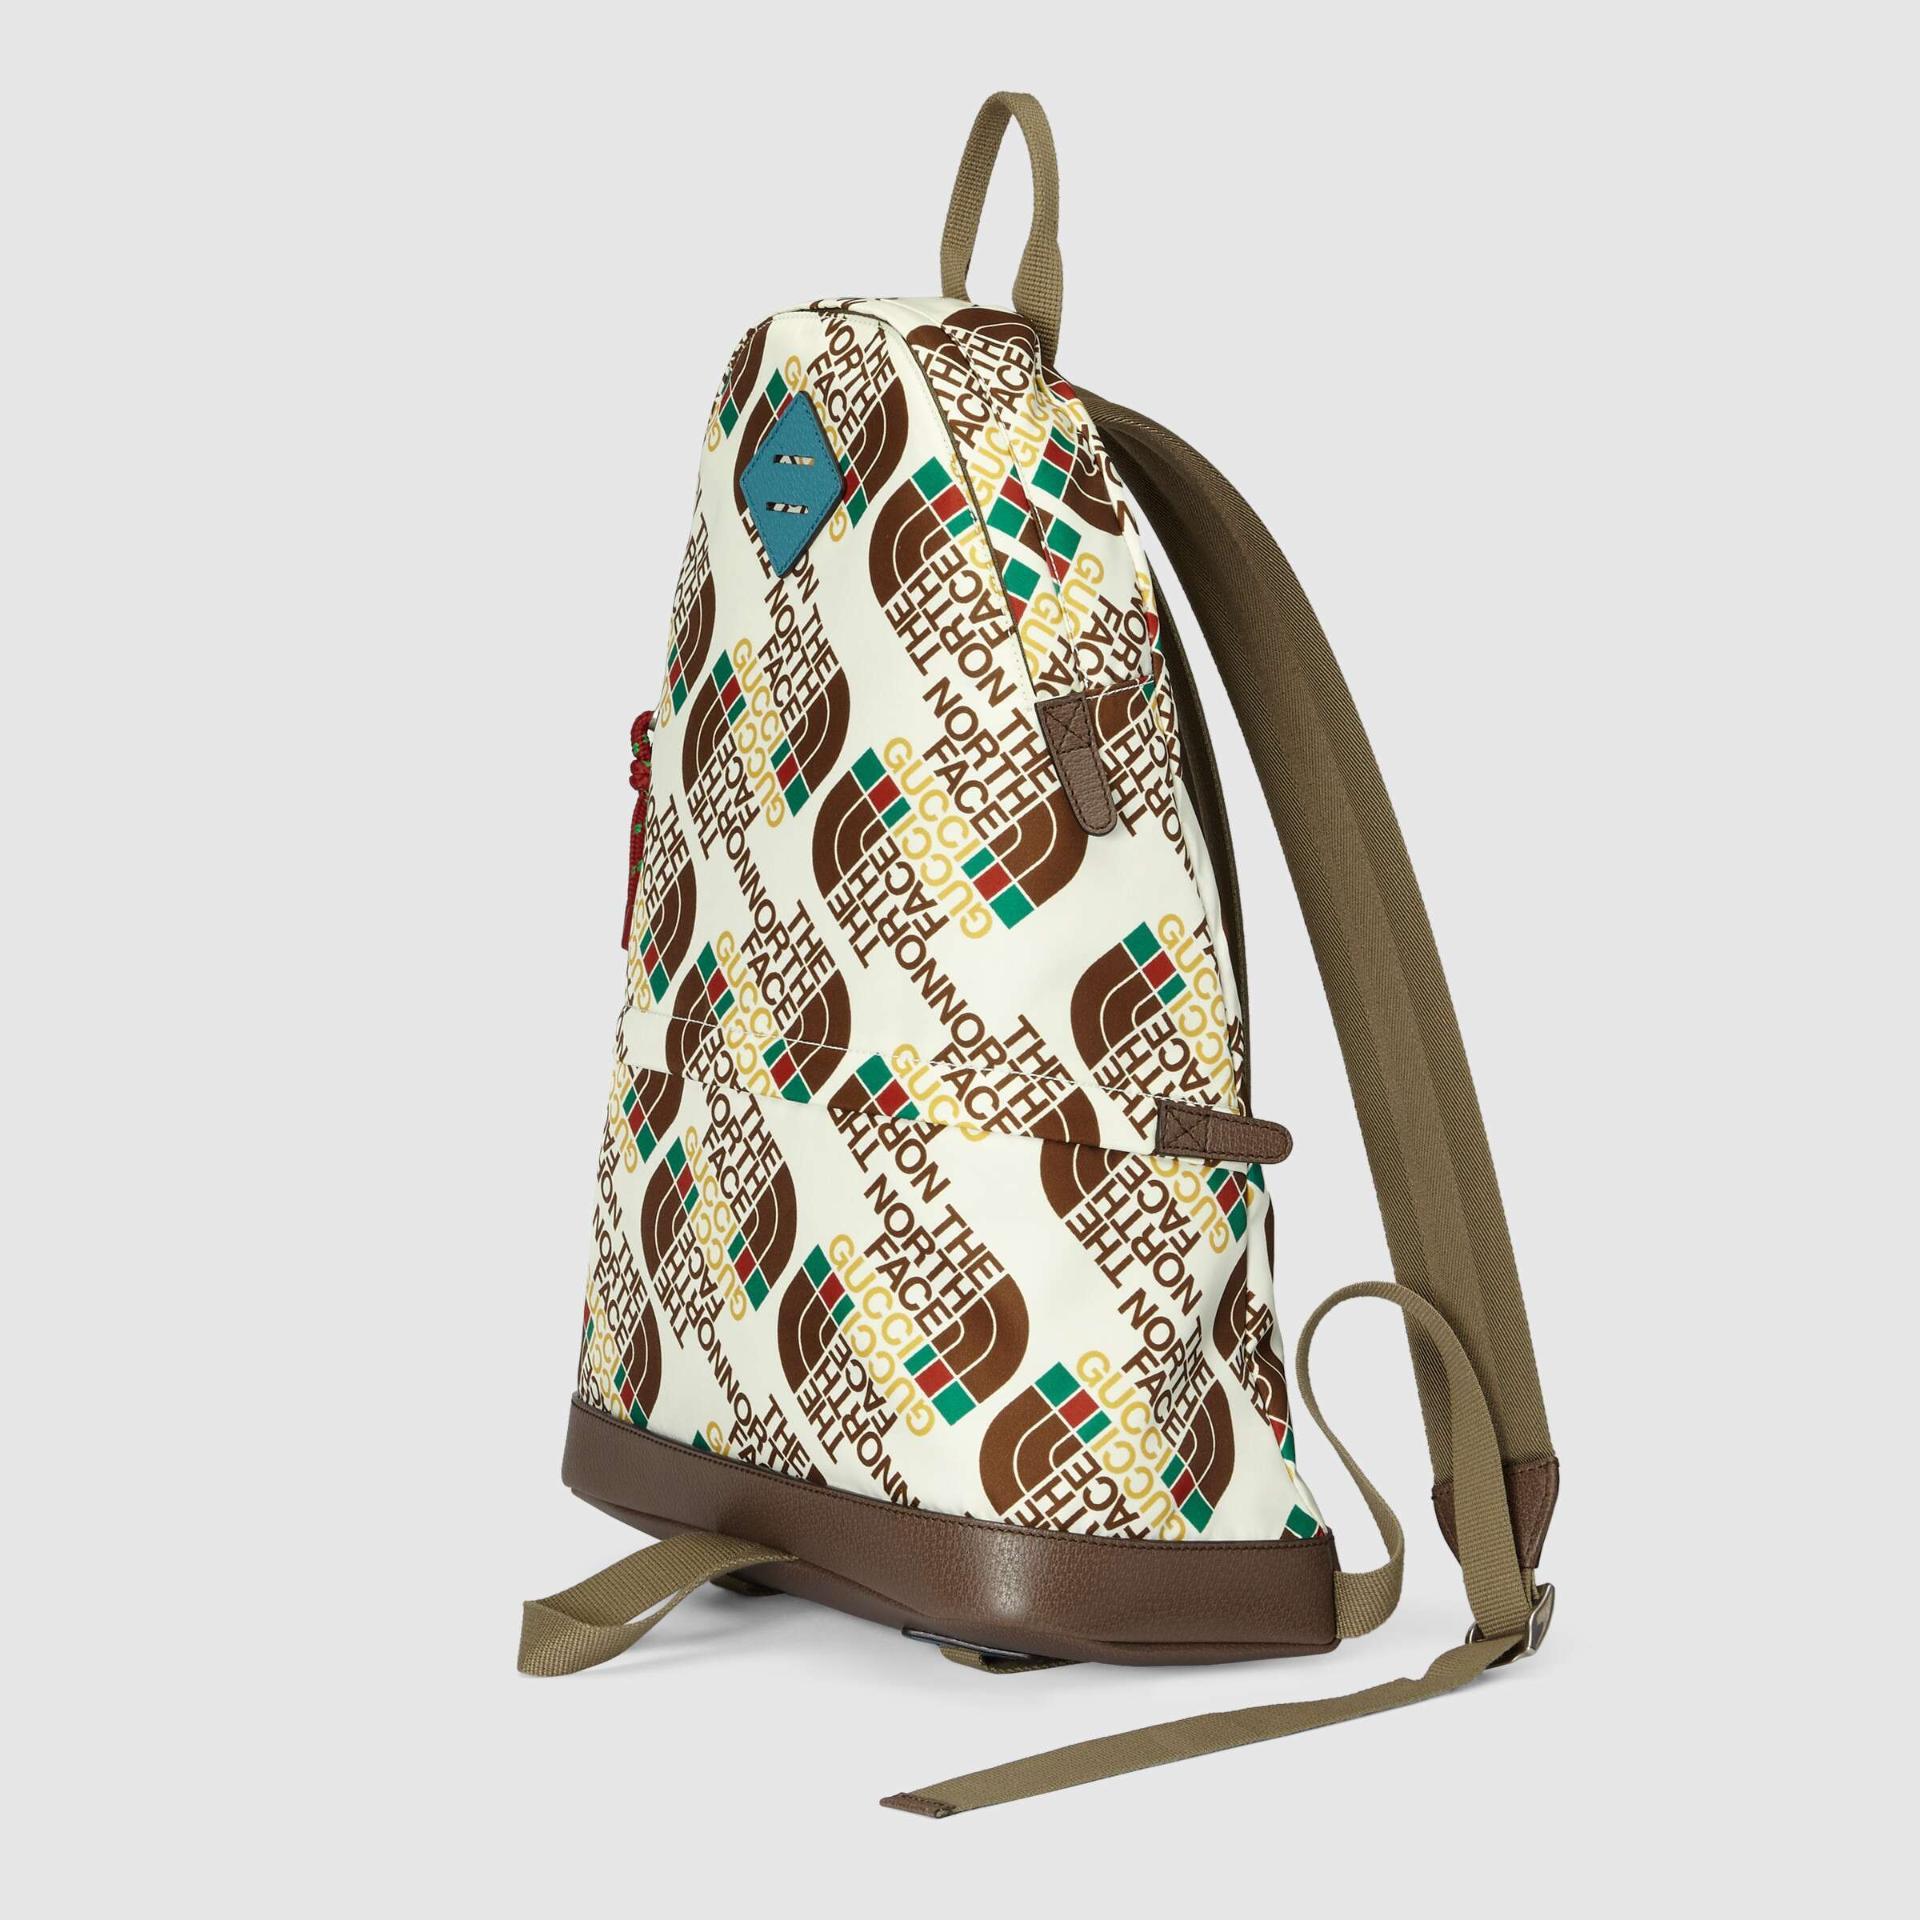 유럽직배송 구찌 GUCCI Gucci - The North Face x Gucci medium backpack 6502882QOCN9863